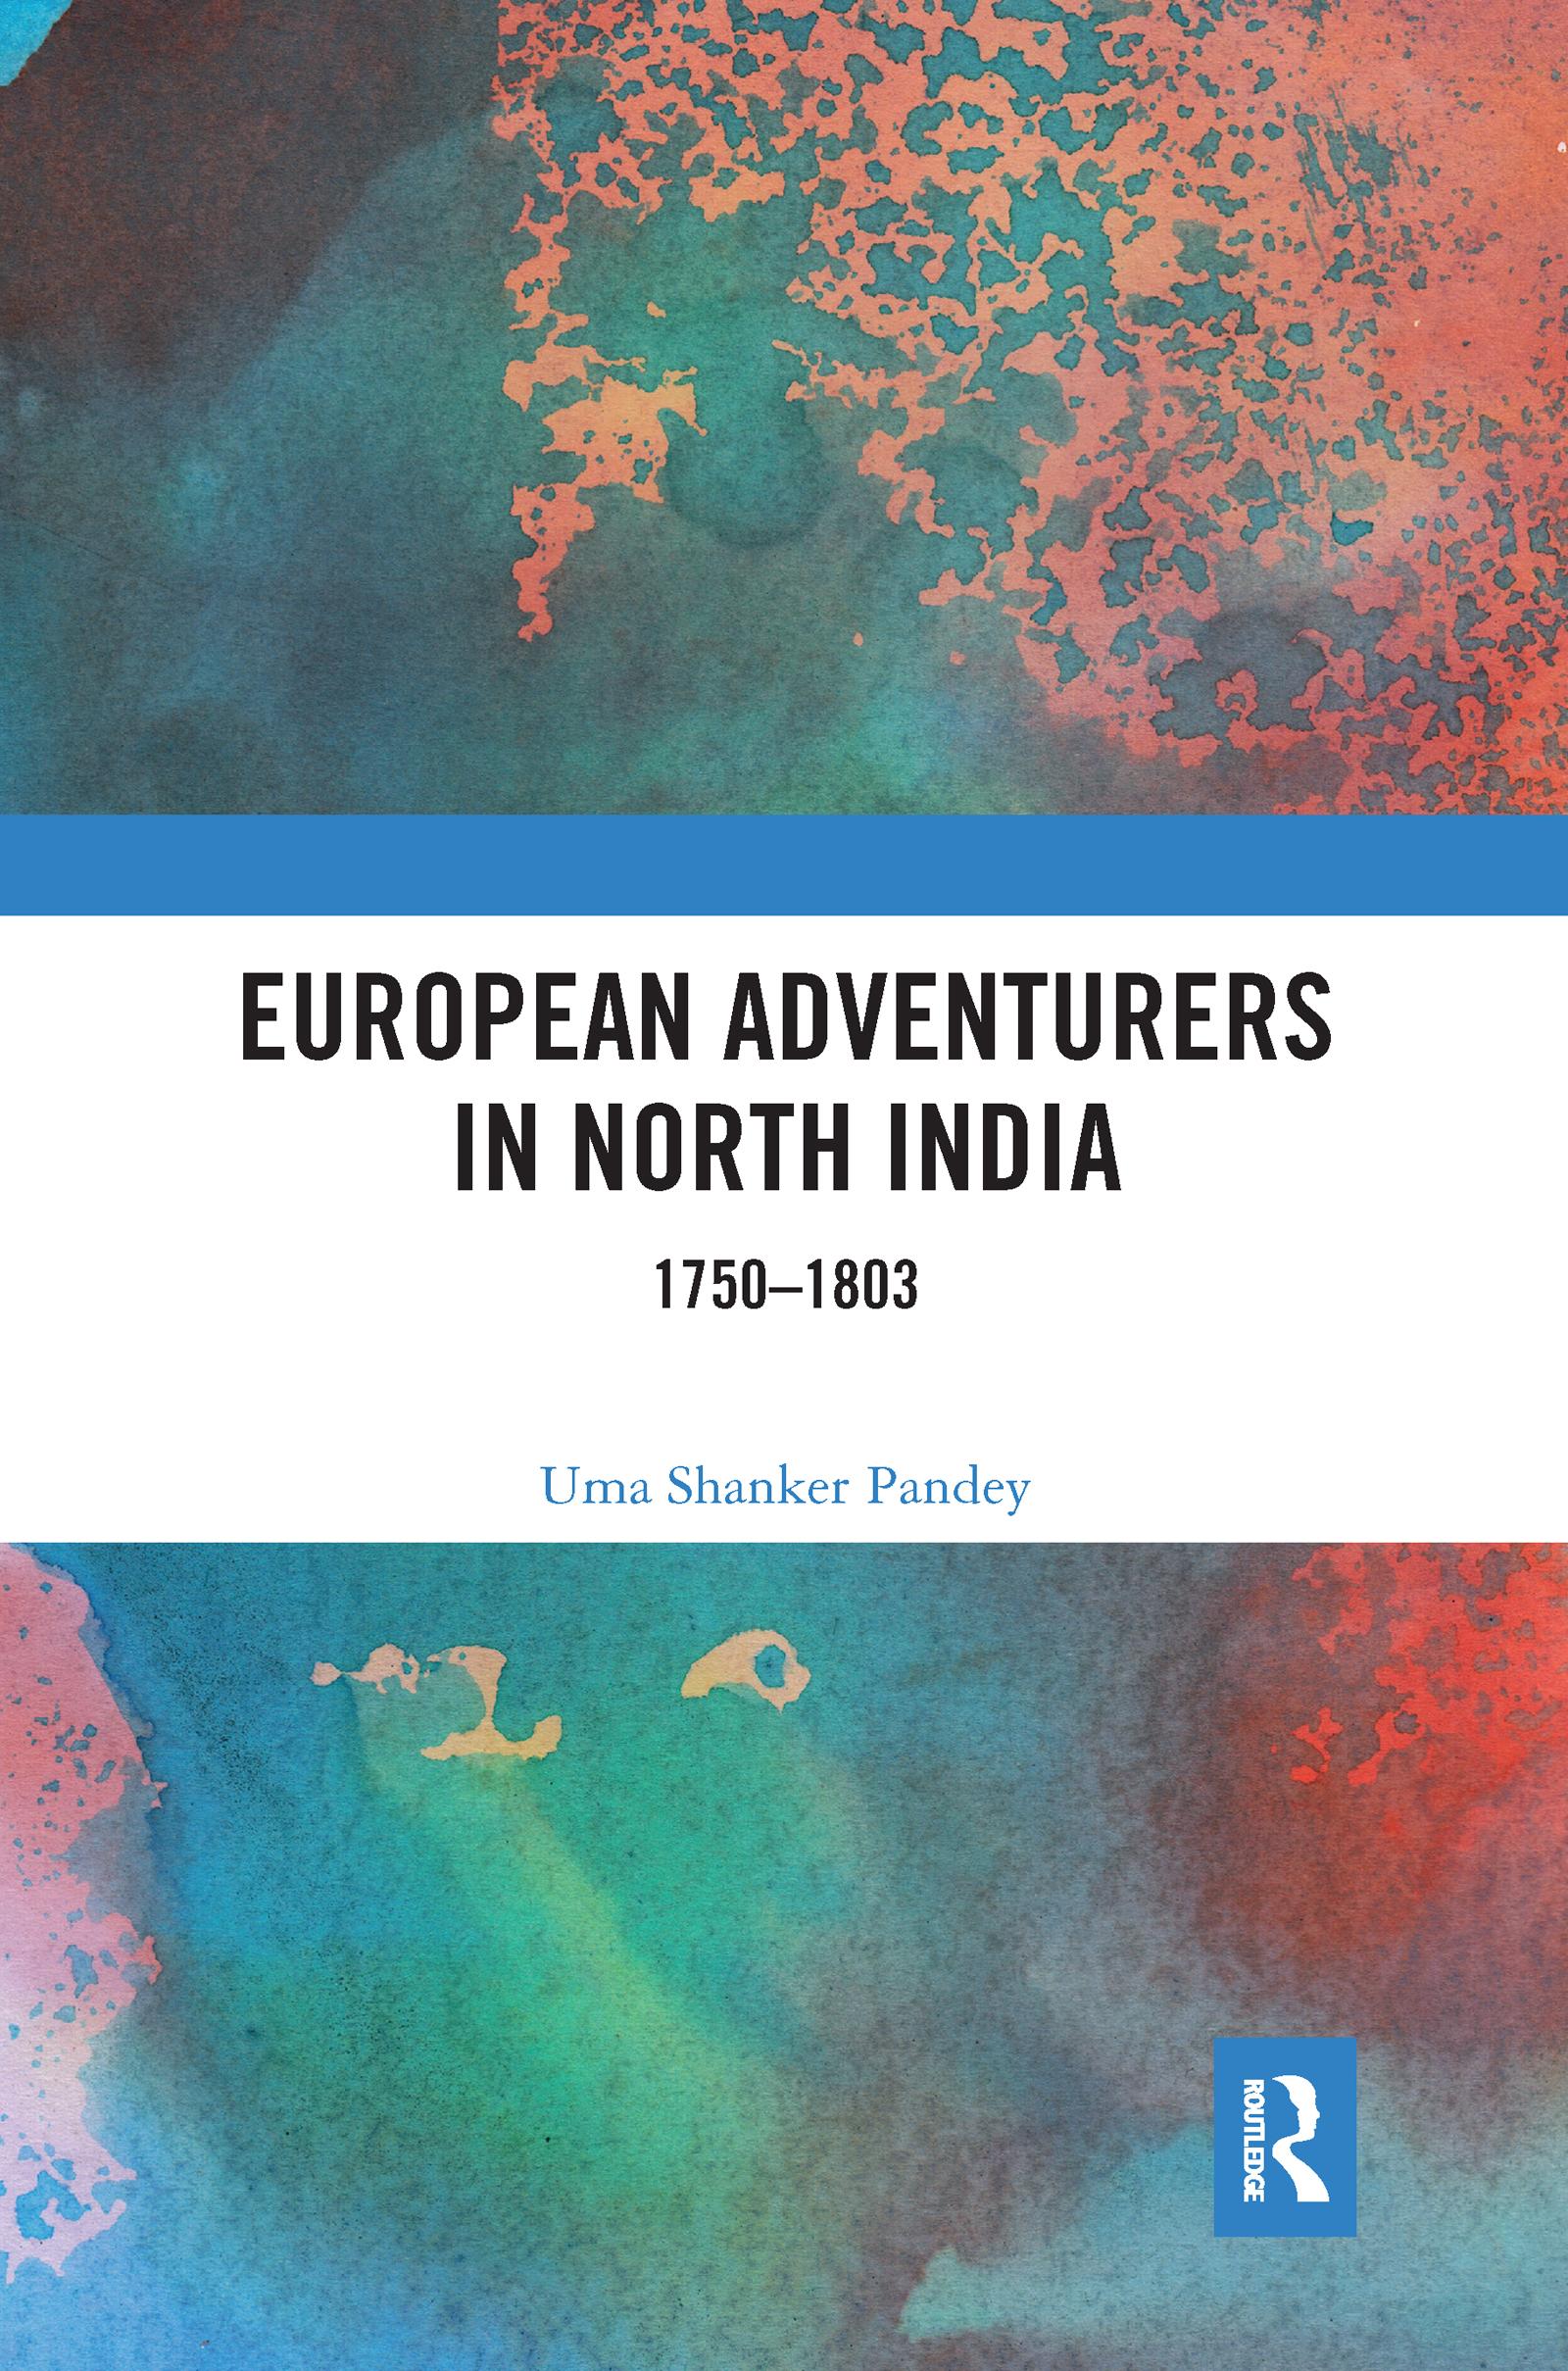 European Adventurers in North India